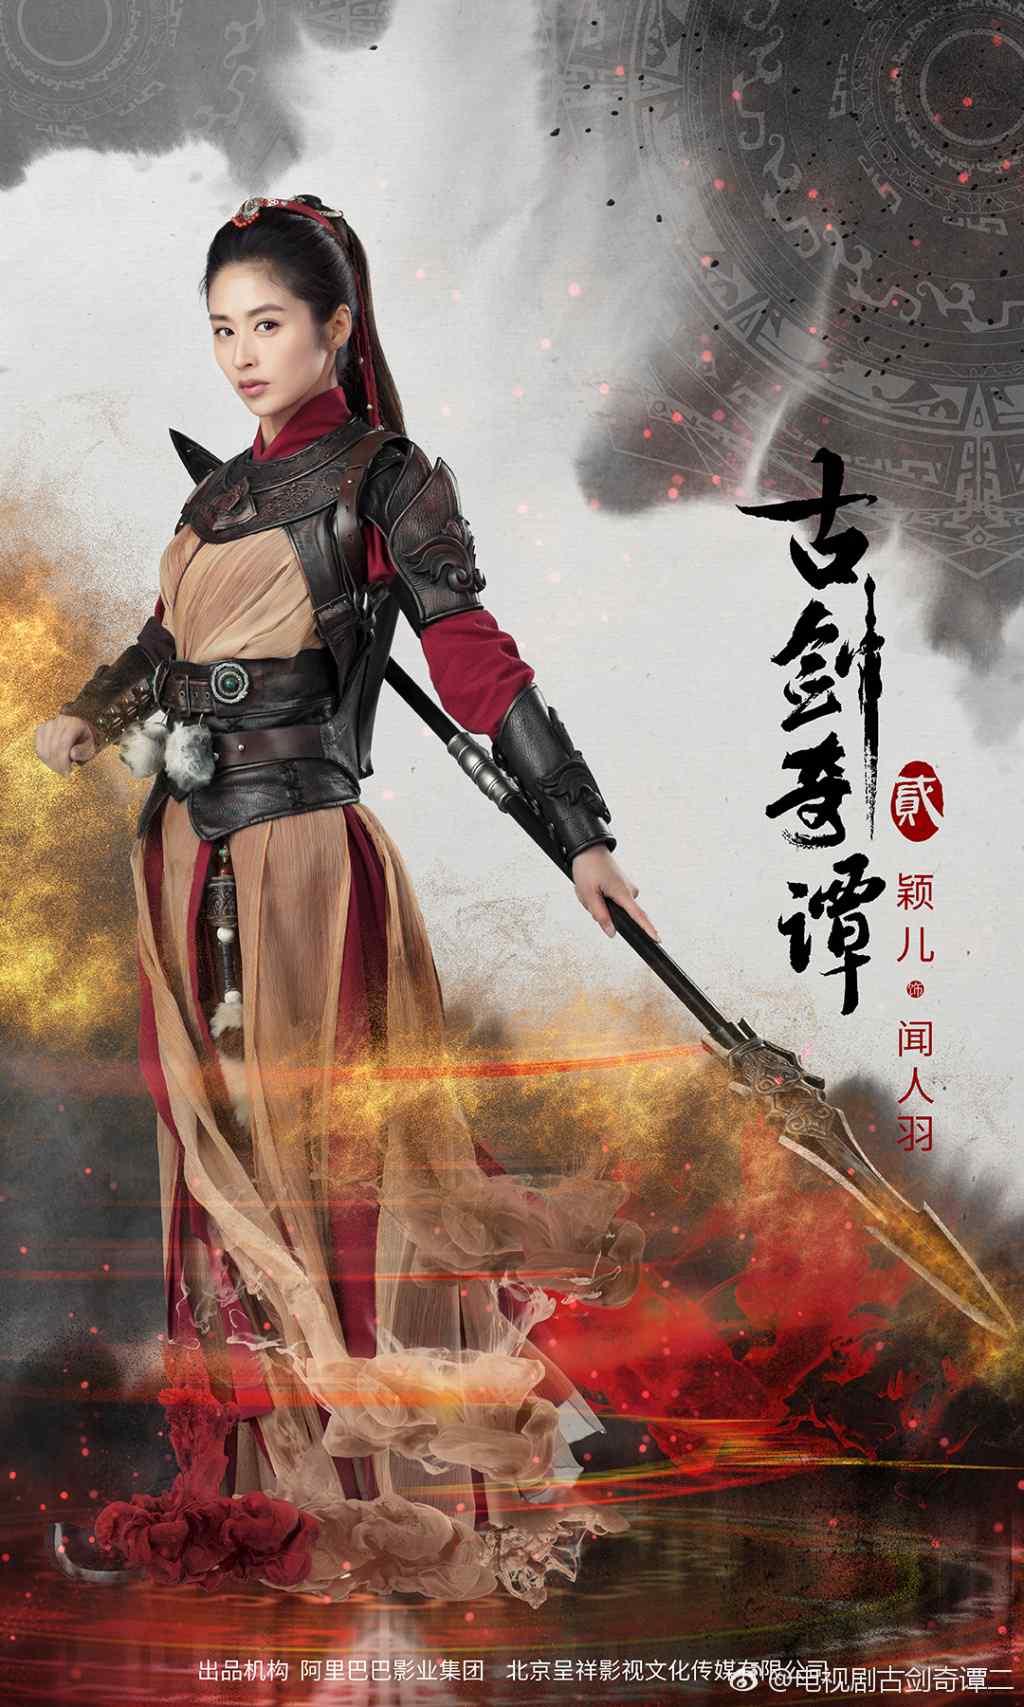 颖儿《古剑奇谭2》人物角色海报图片